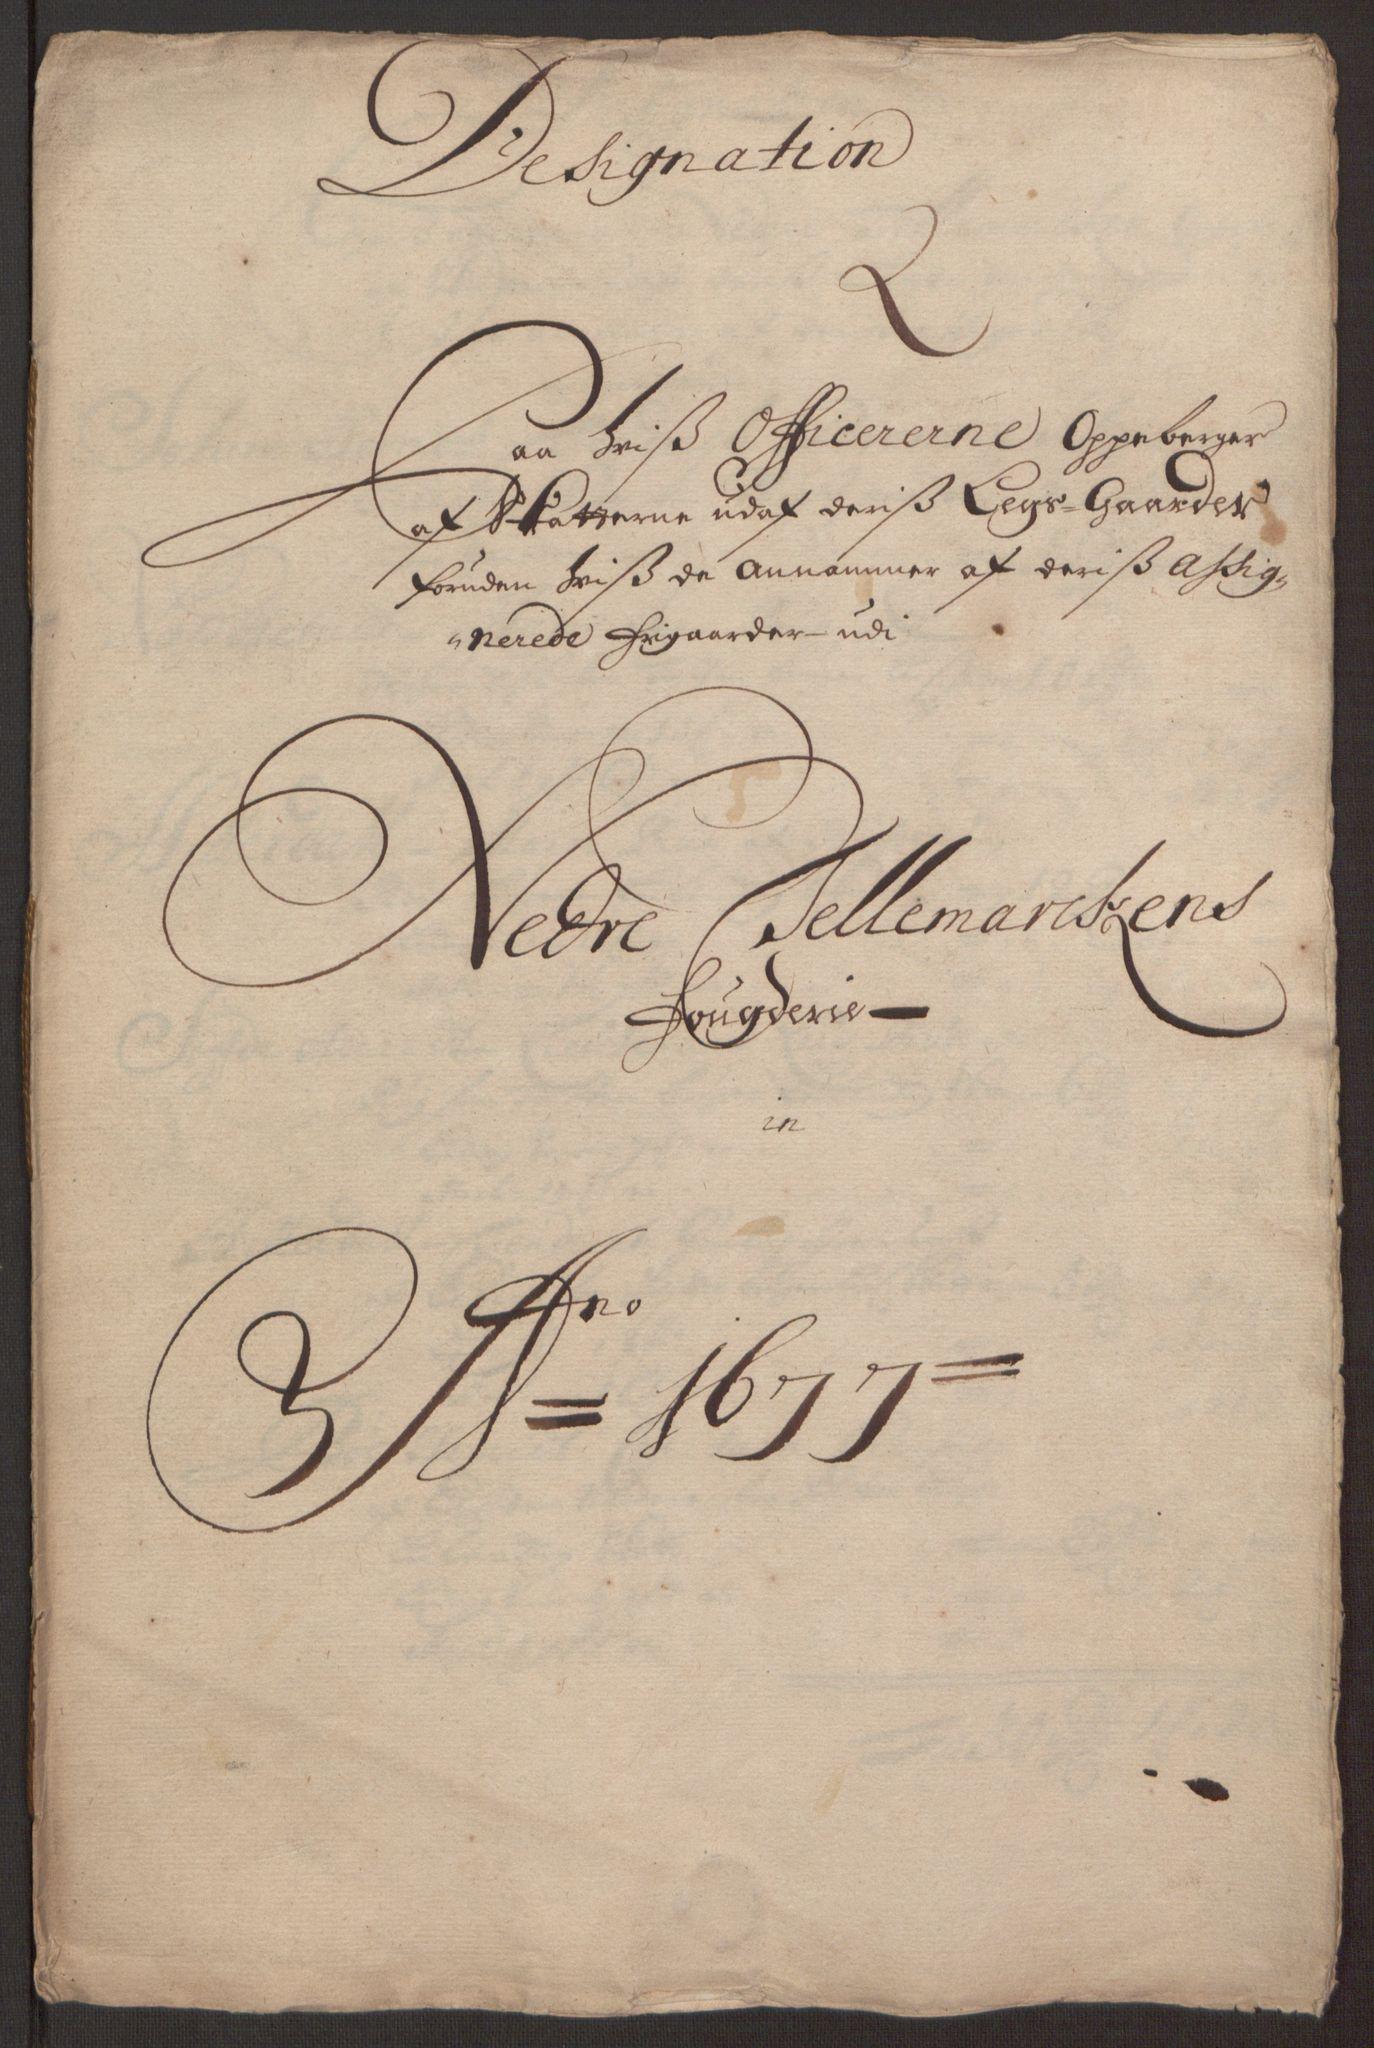 RA, Rentekammeret inntil 1814, Reviderte regnskaper, Fogderegnskap, R35/L2068: Fogderegnskap Øvre og Nedre Telemark, 1677, s. 226